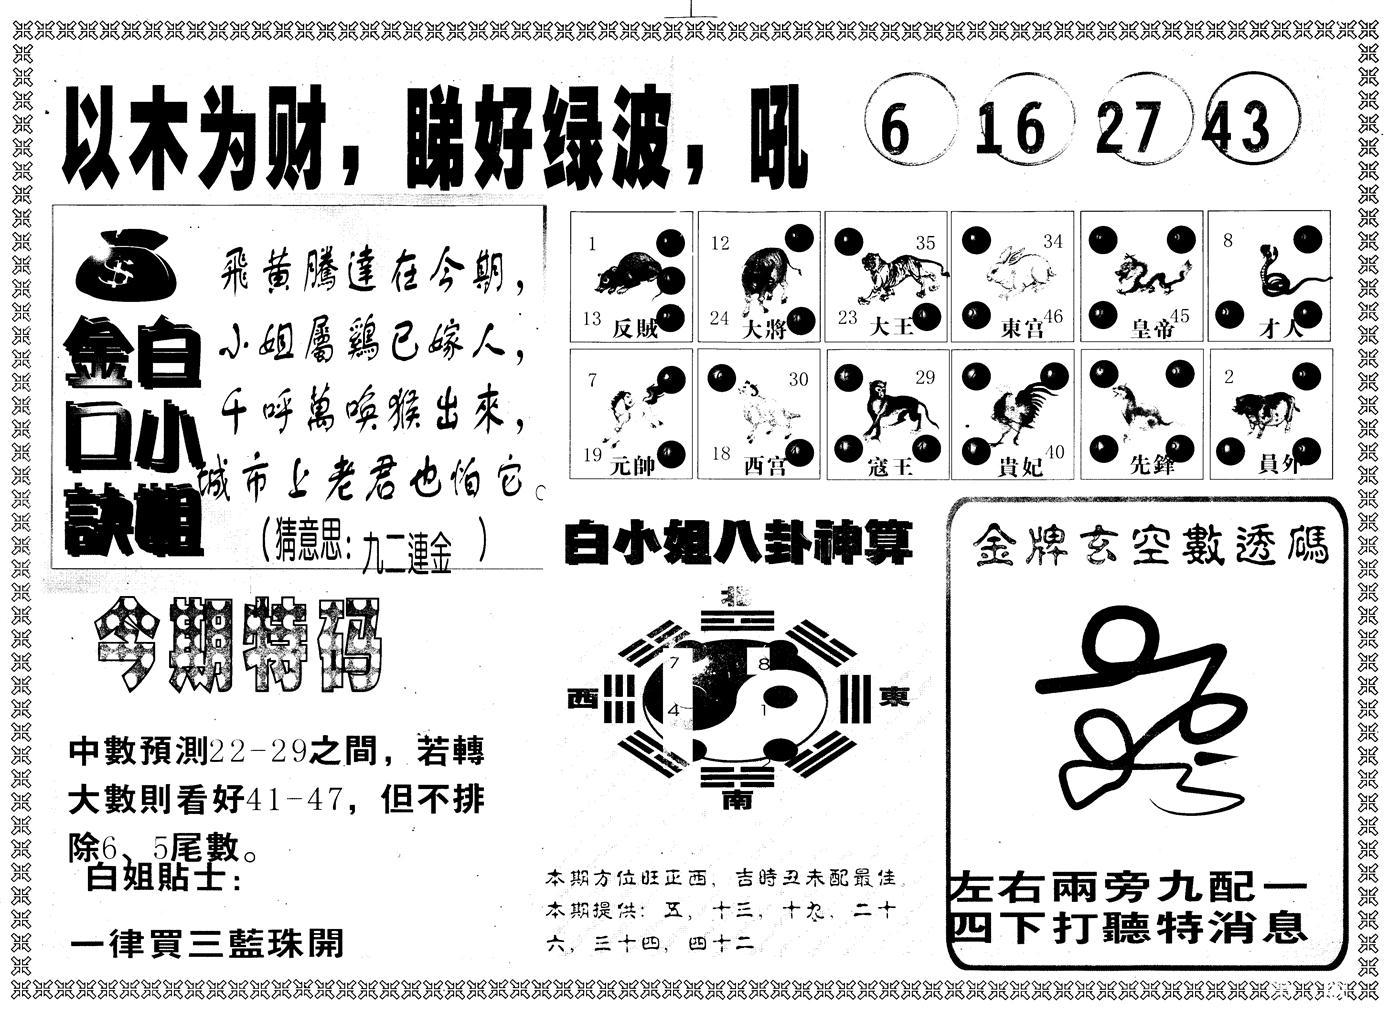 055期另版白姐内幕B(黑白)